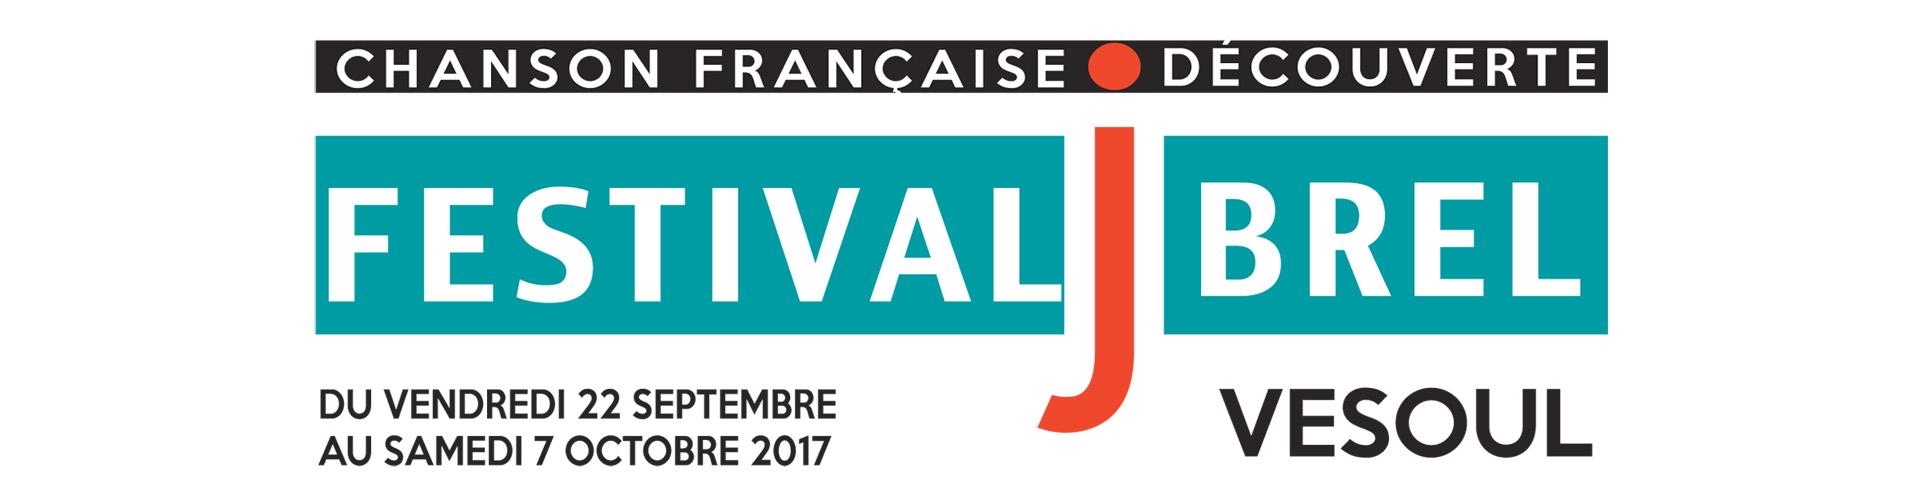 Bandeau-Festival-Jacques-Brel